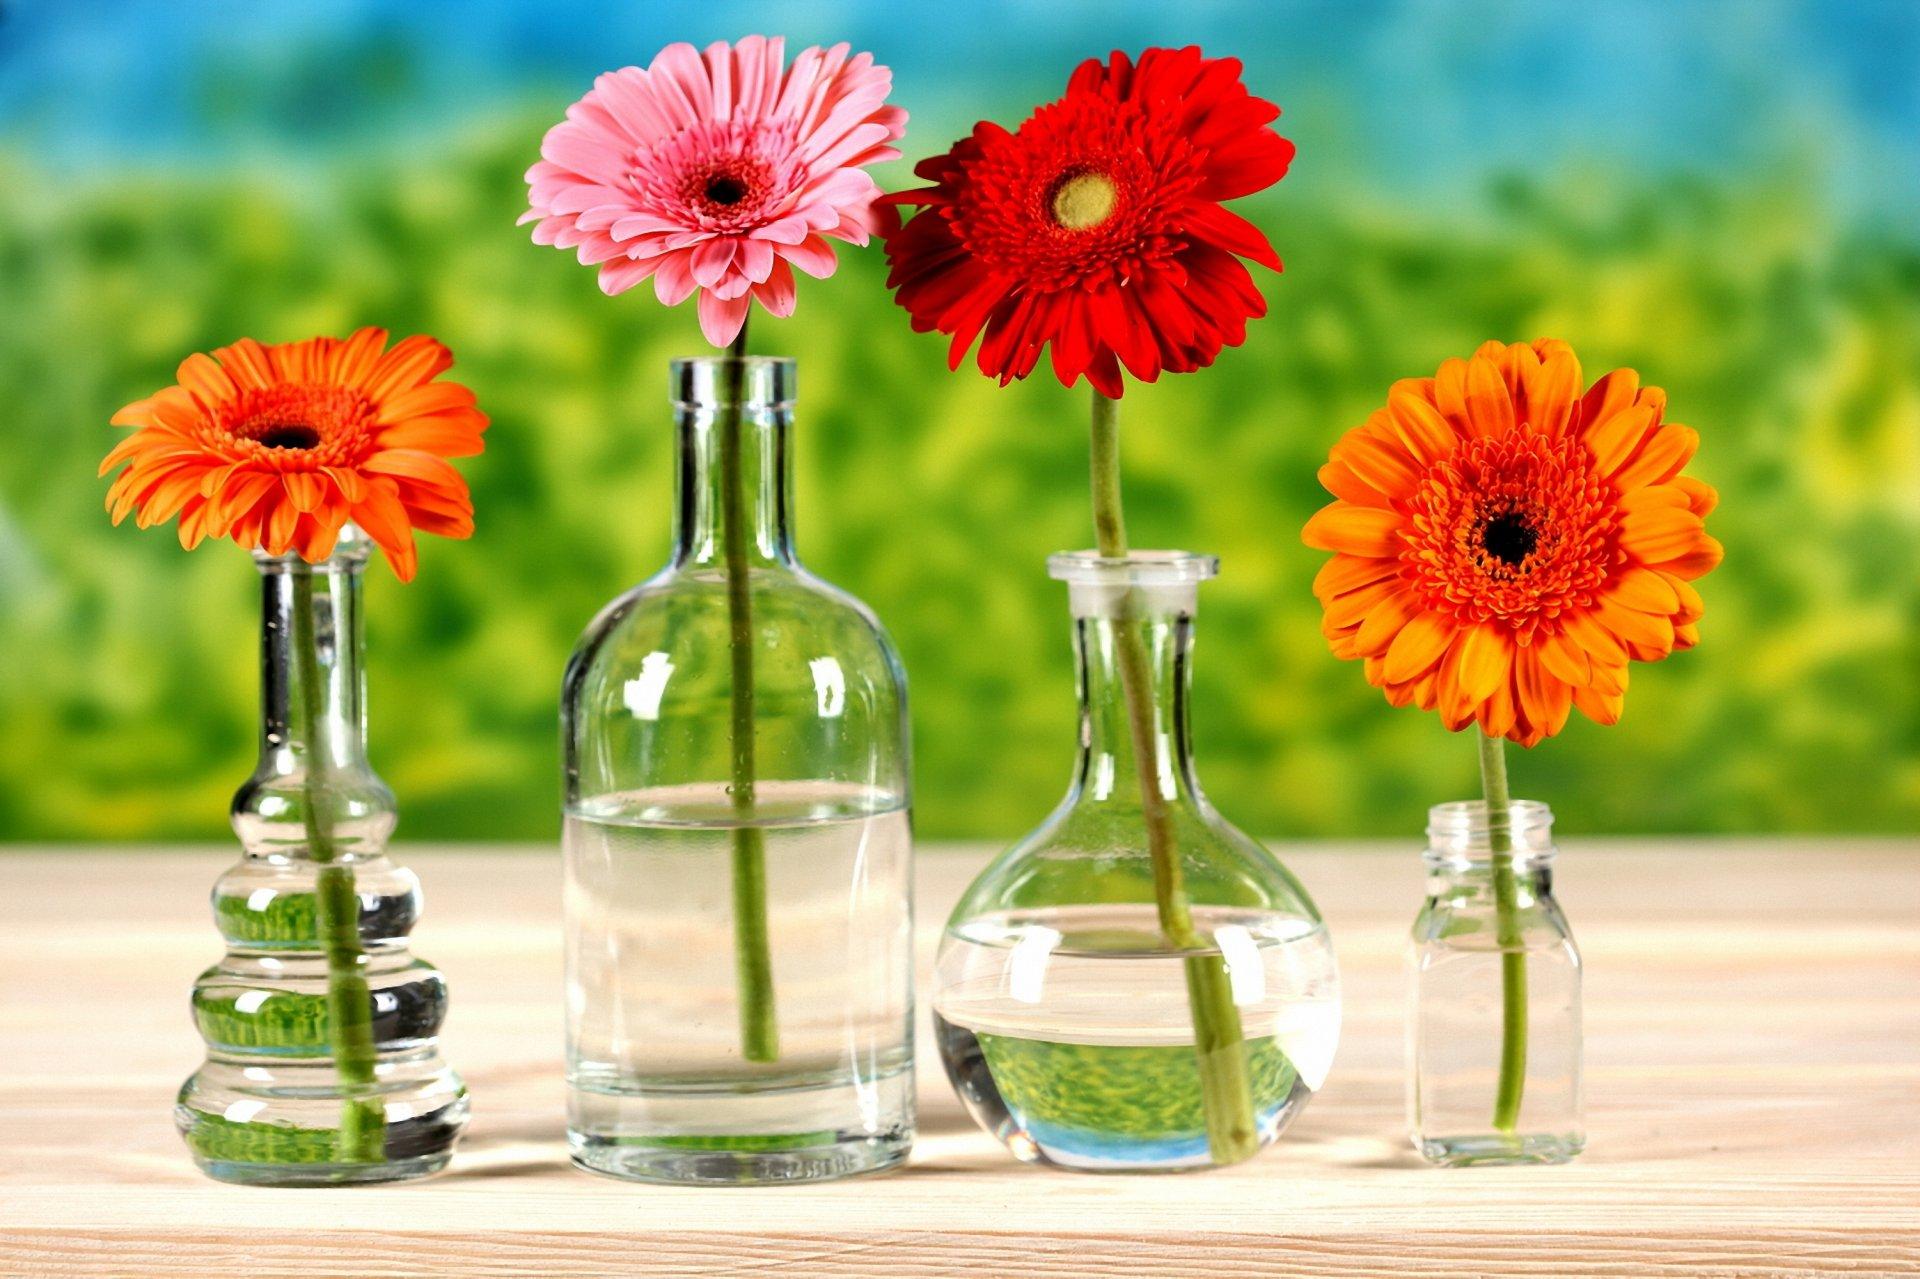 Обои на рабочий стол Цветы хризантемы   подборка (16)